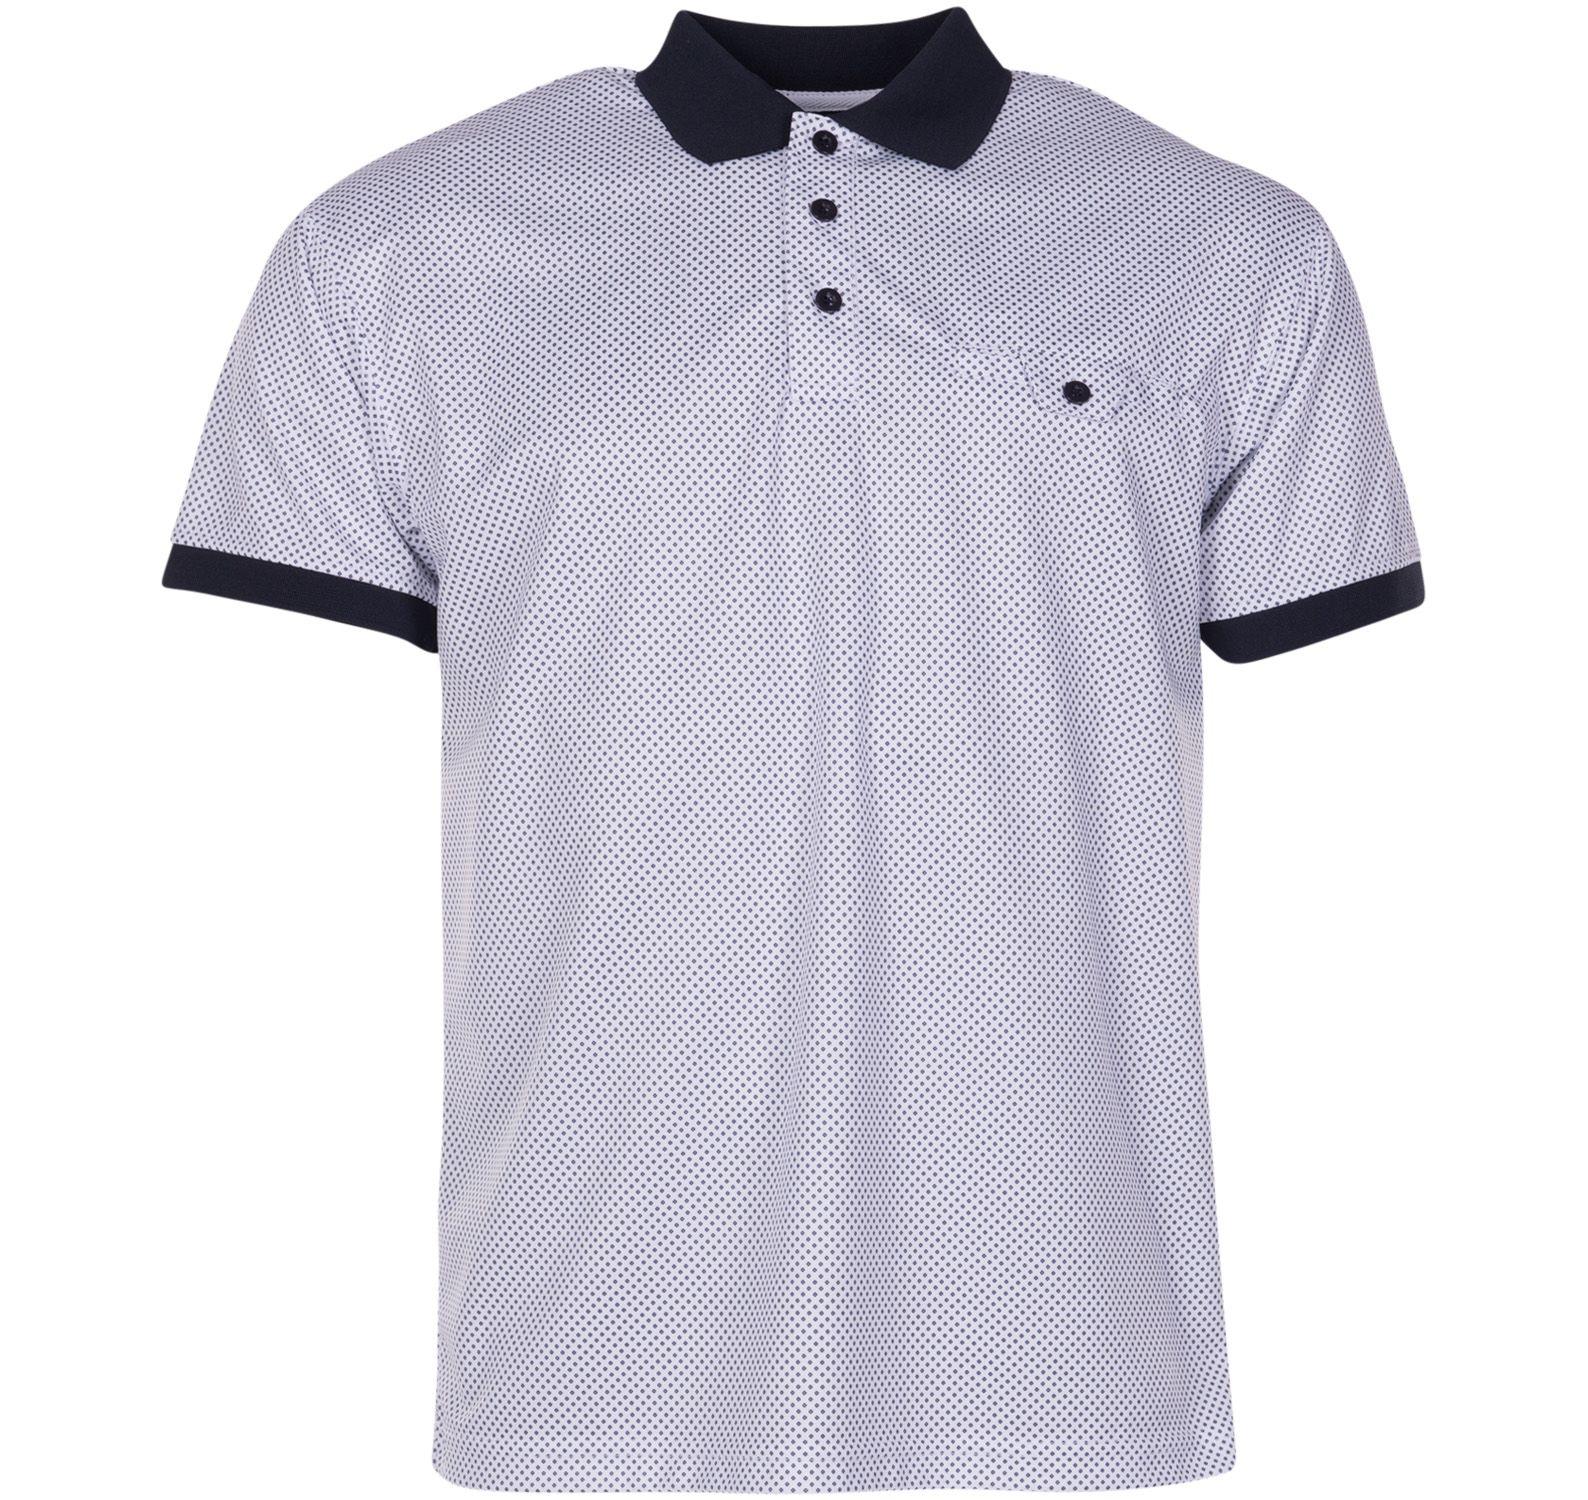 shirt 1808 navy s, white, s, varumärken